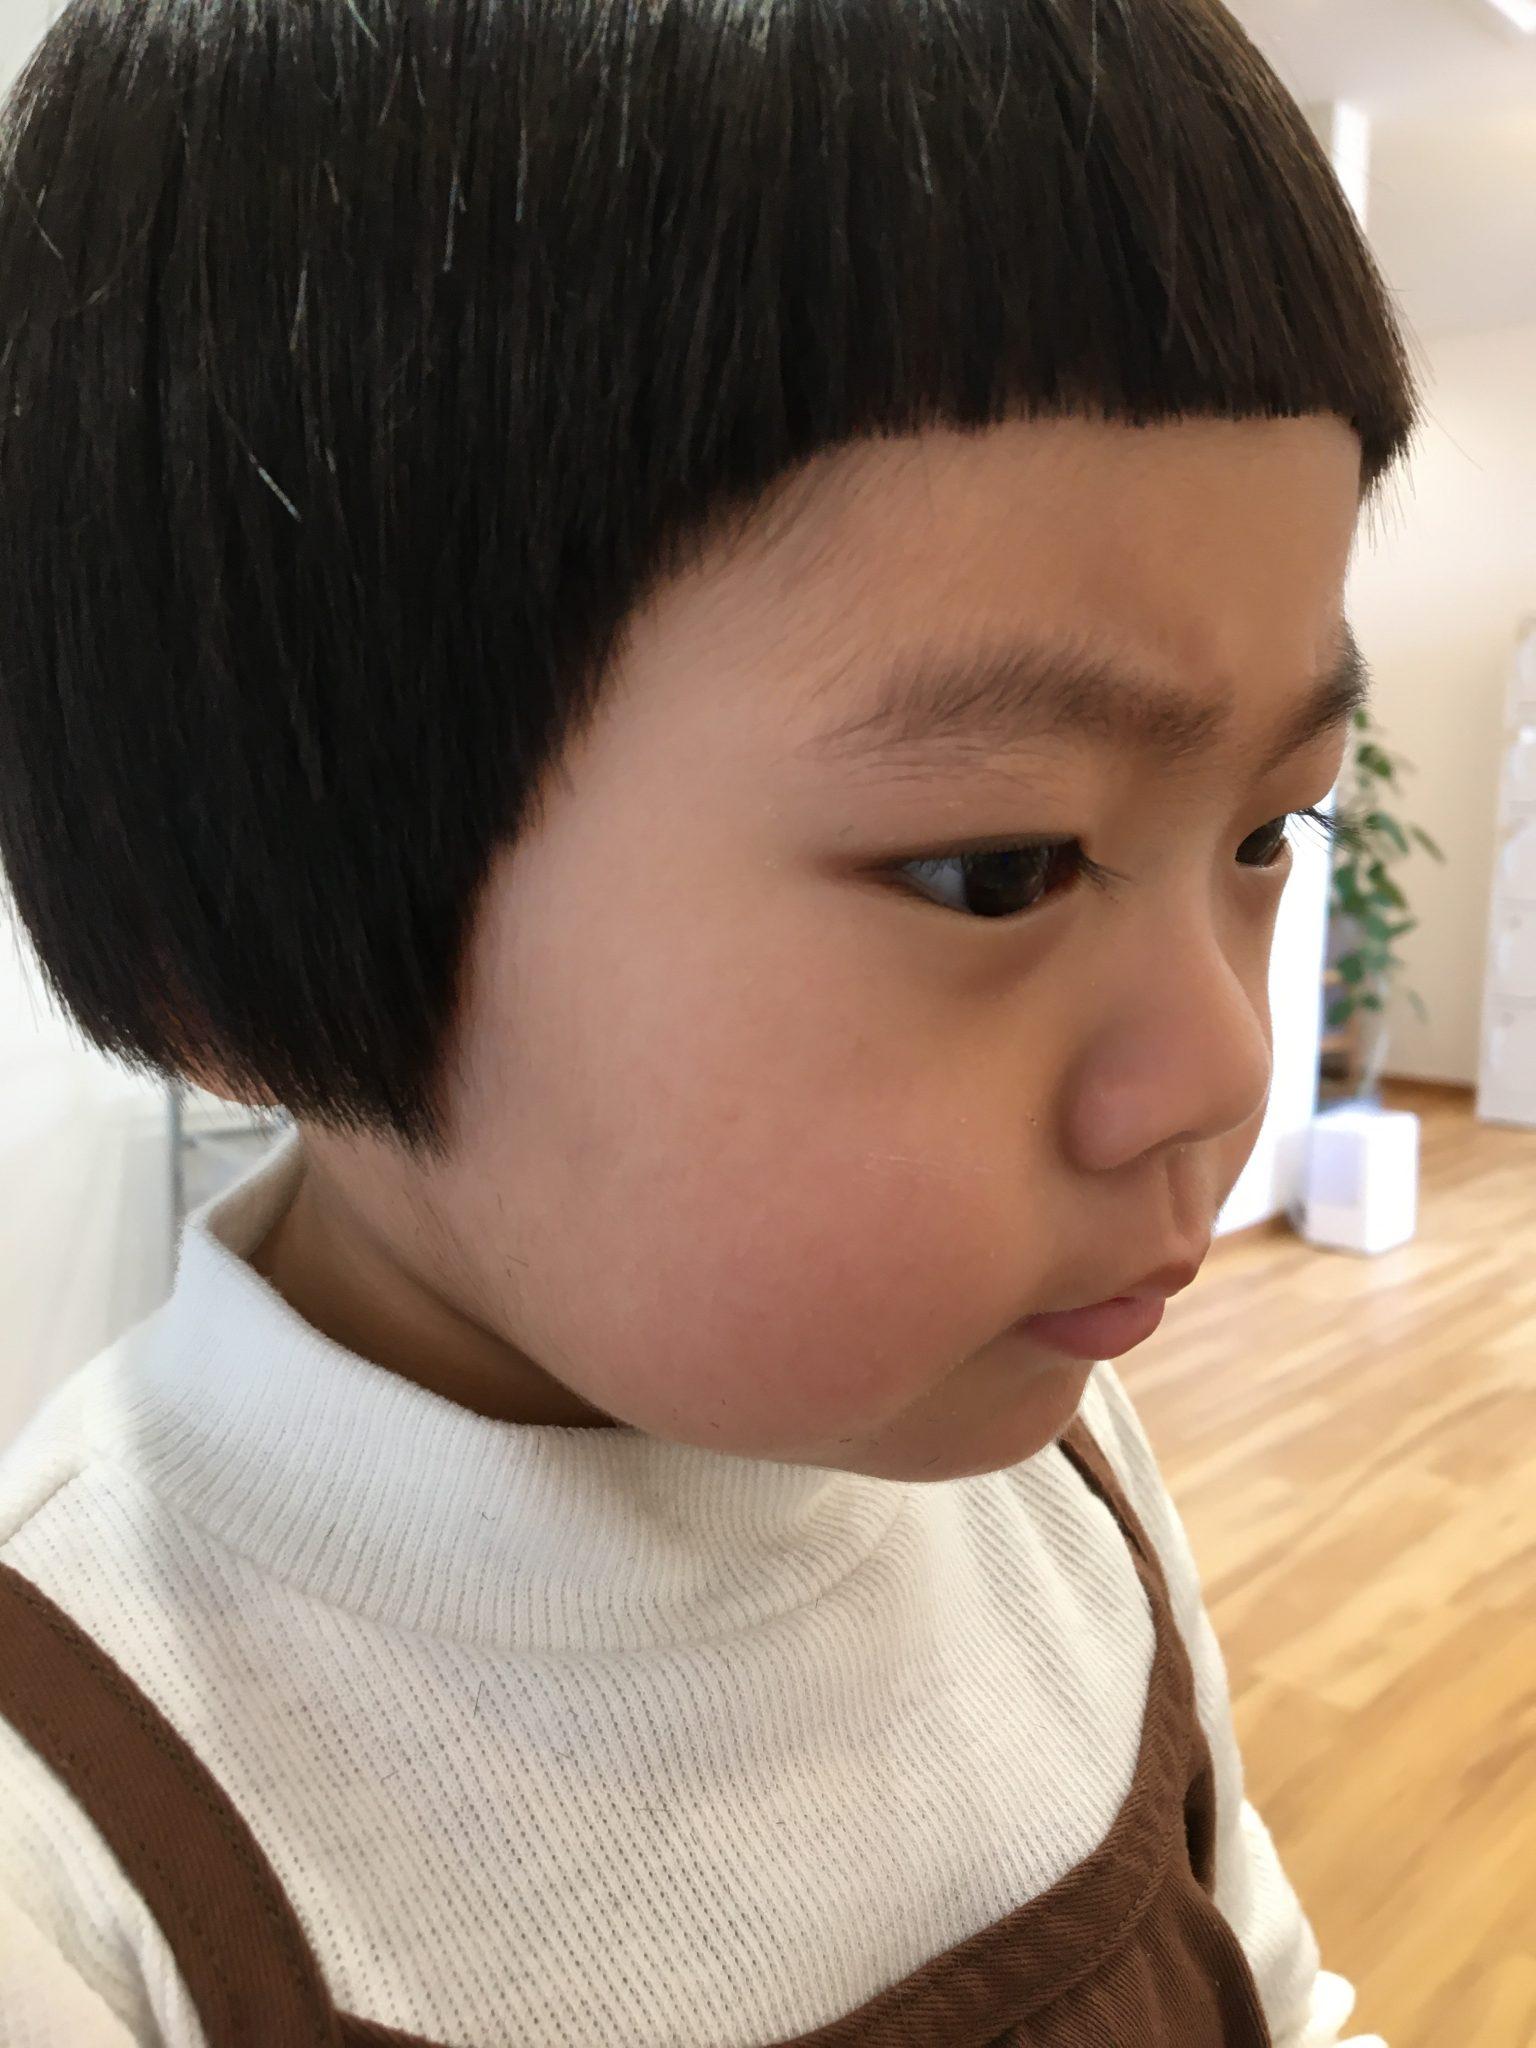 米子美容室 R ing/お子様カット&ママカラーカット